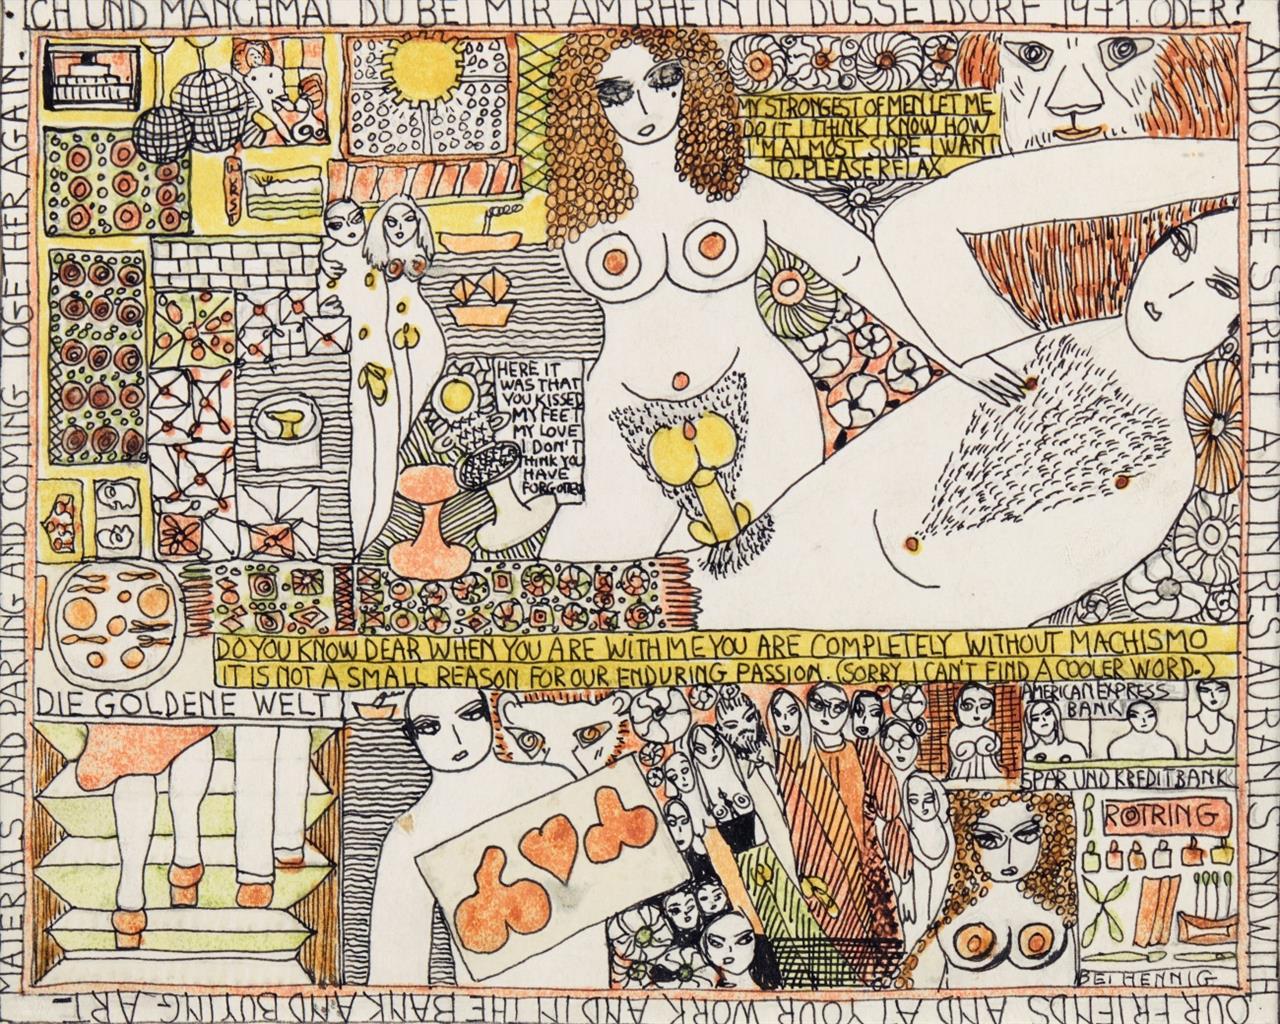 Dorothy Iannone. Ich und manchmal du bei mir... 1971. Filzstift und schwarzer Fineliner über Bleistift.